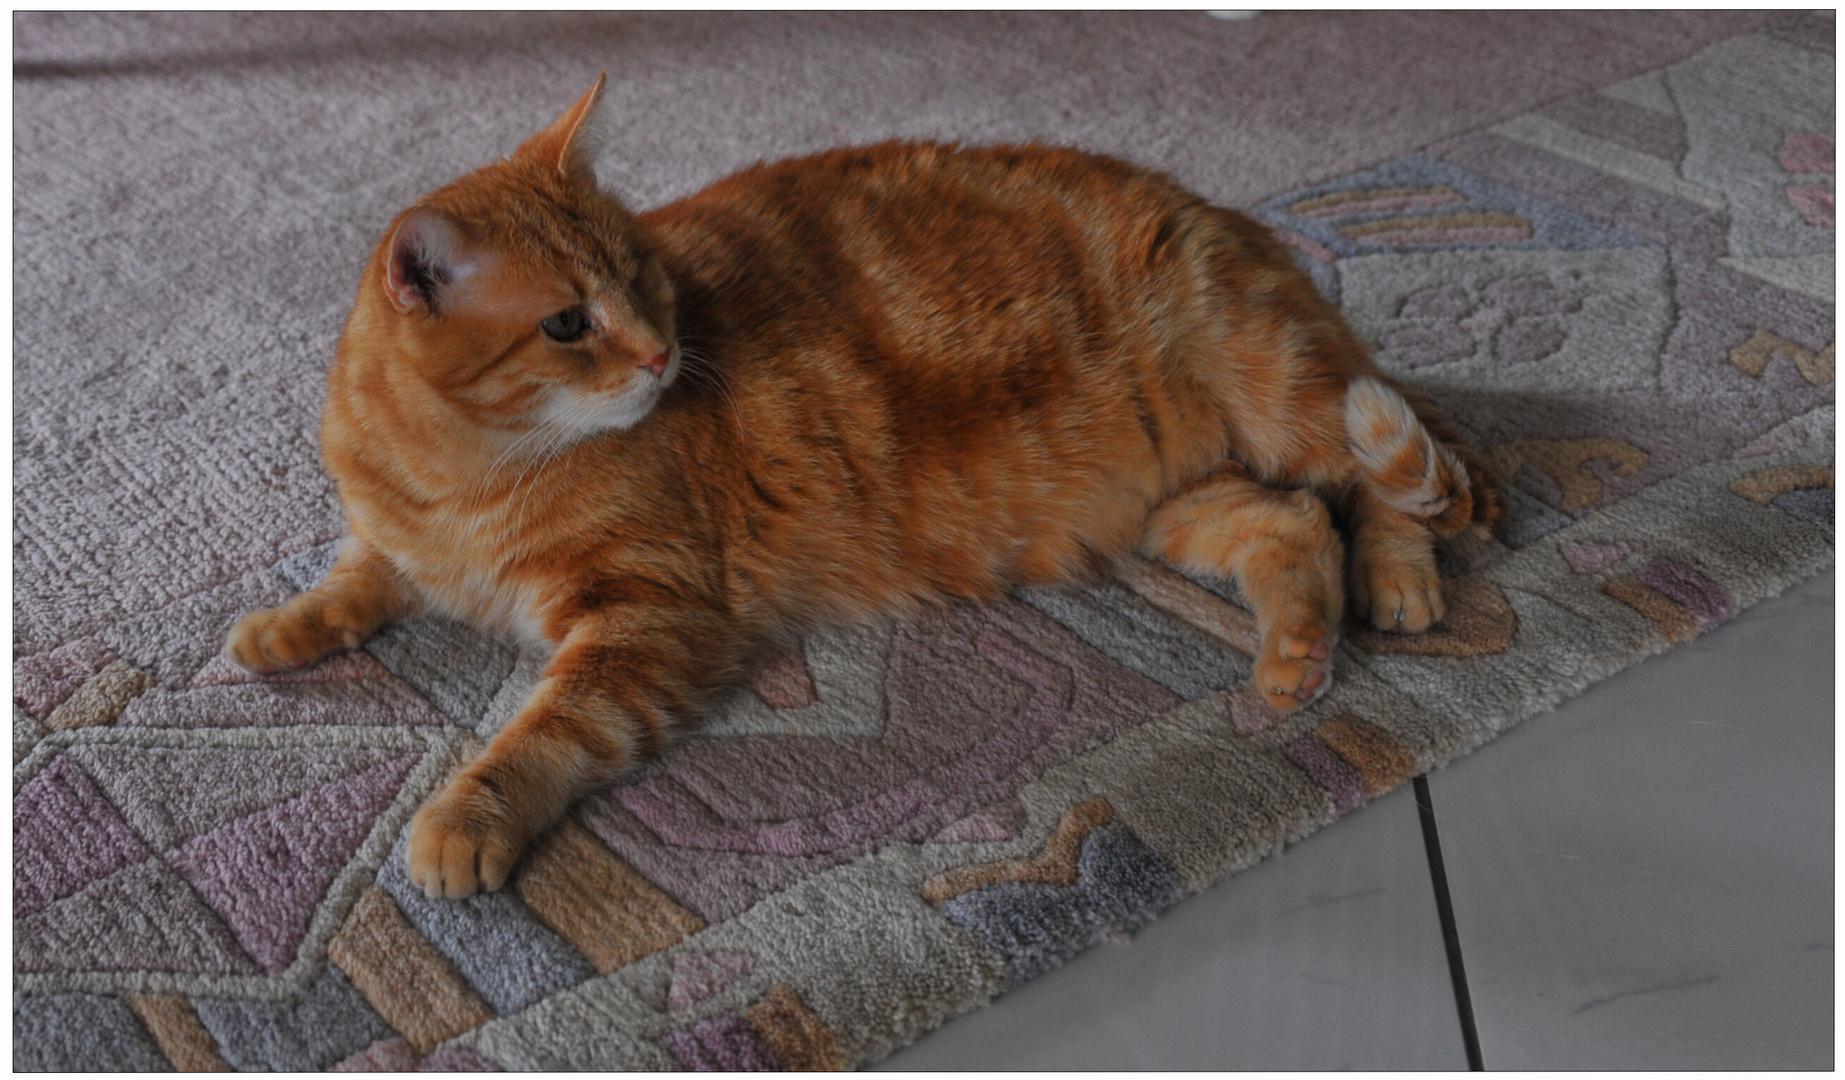 Zorrito también es un gatido muy guapo (Fuchsie ist auch sehr schön)